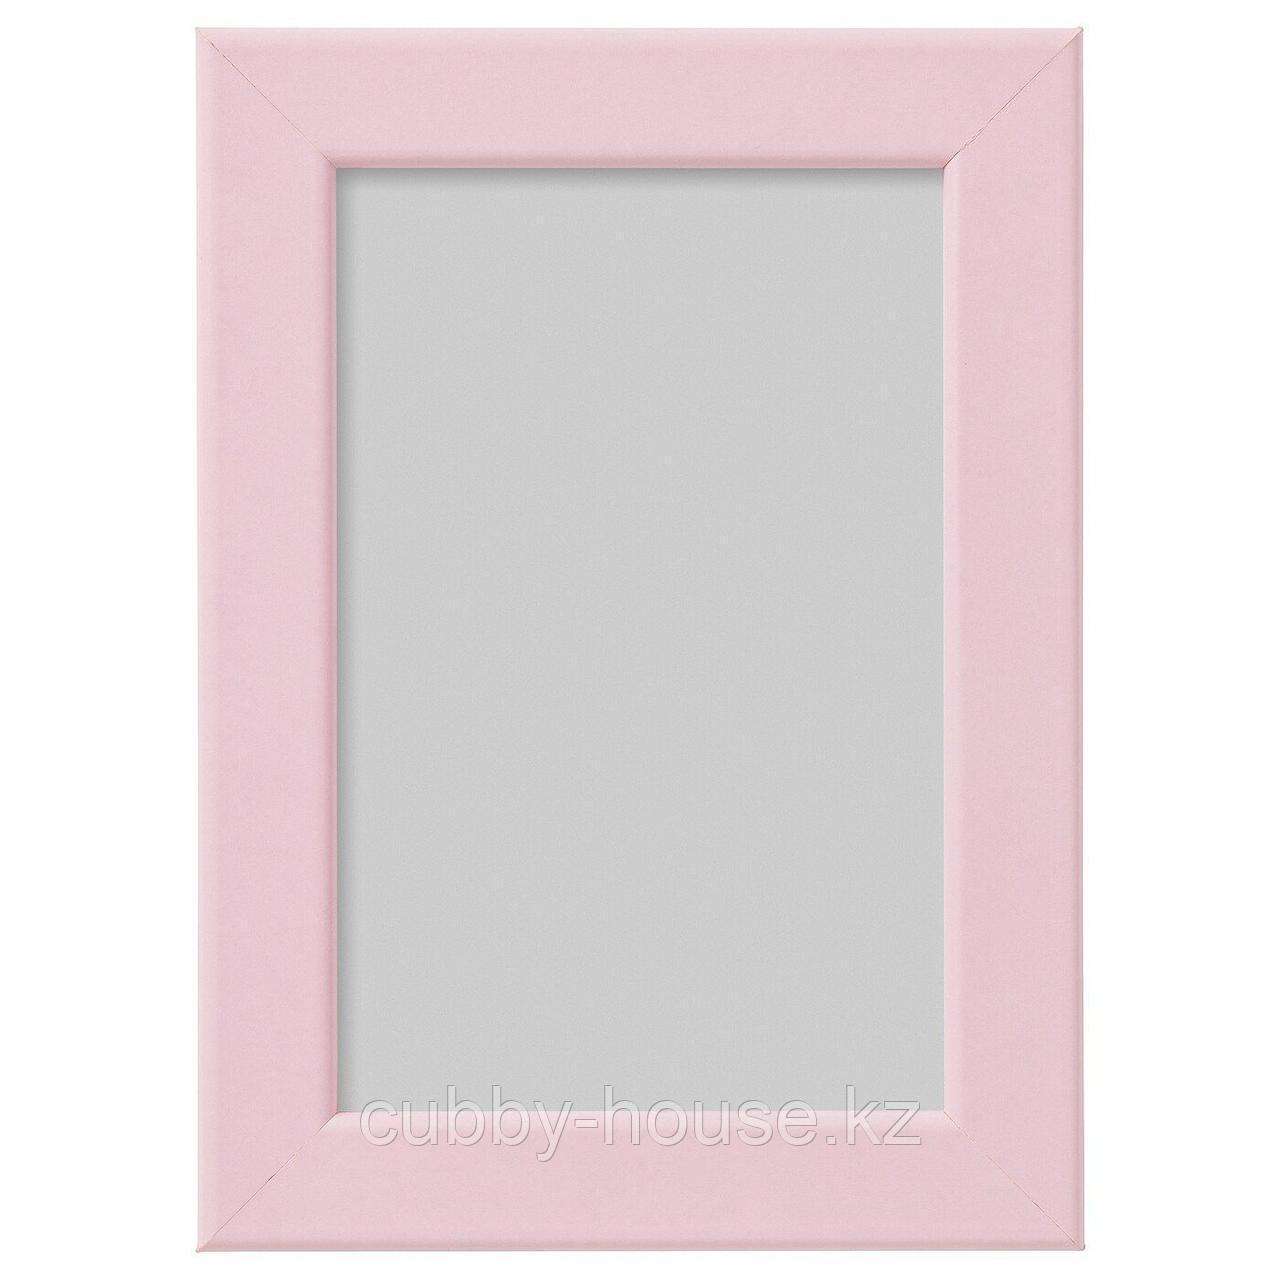 ФИСКБУ Рама, розовый, 21x30 см